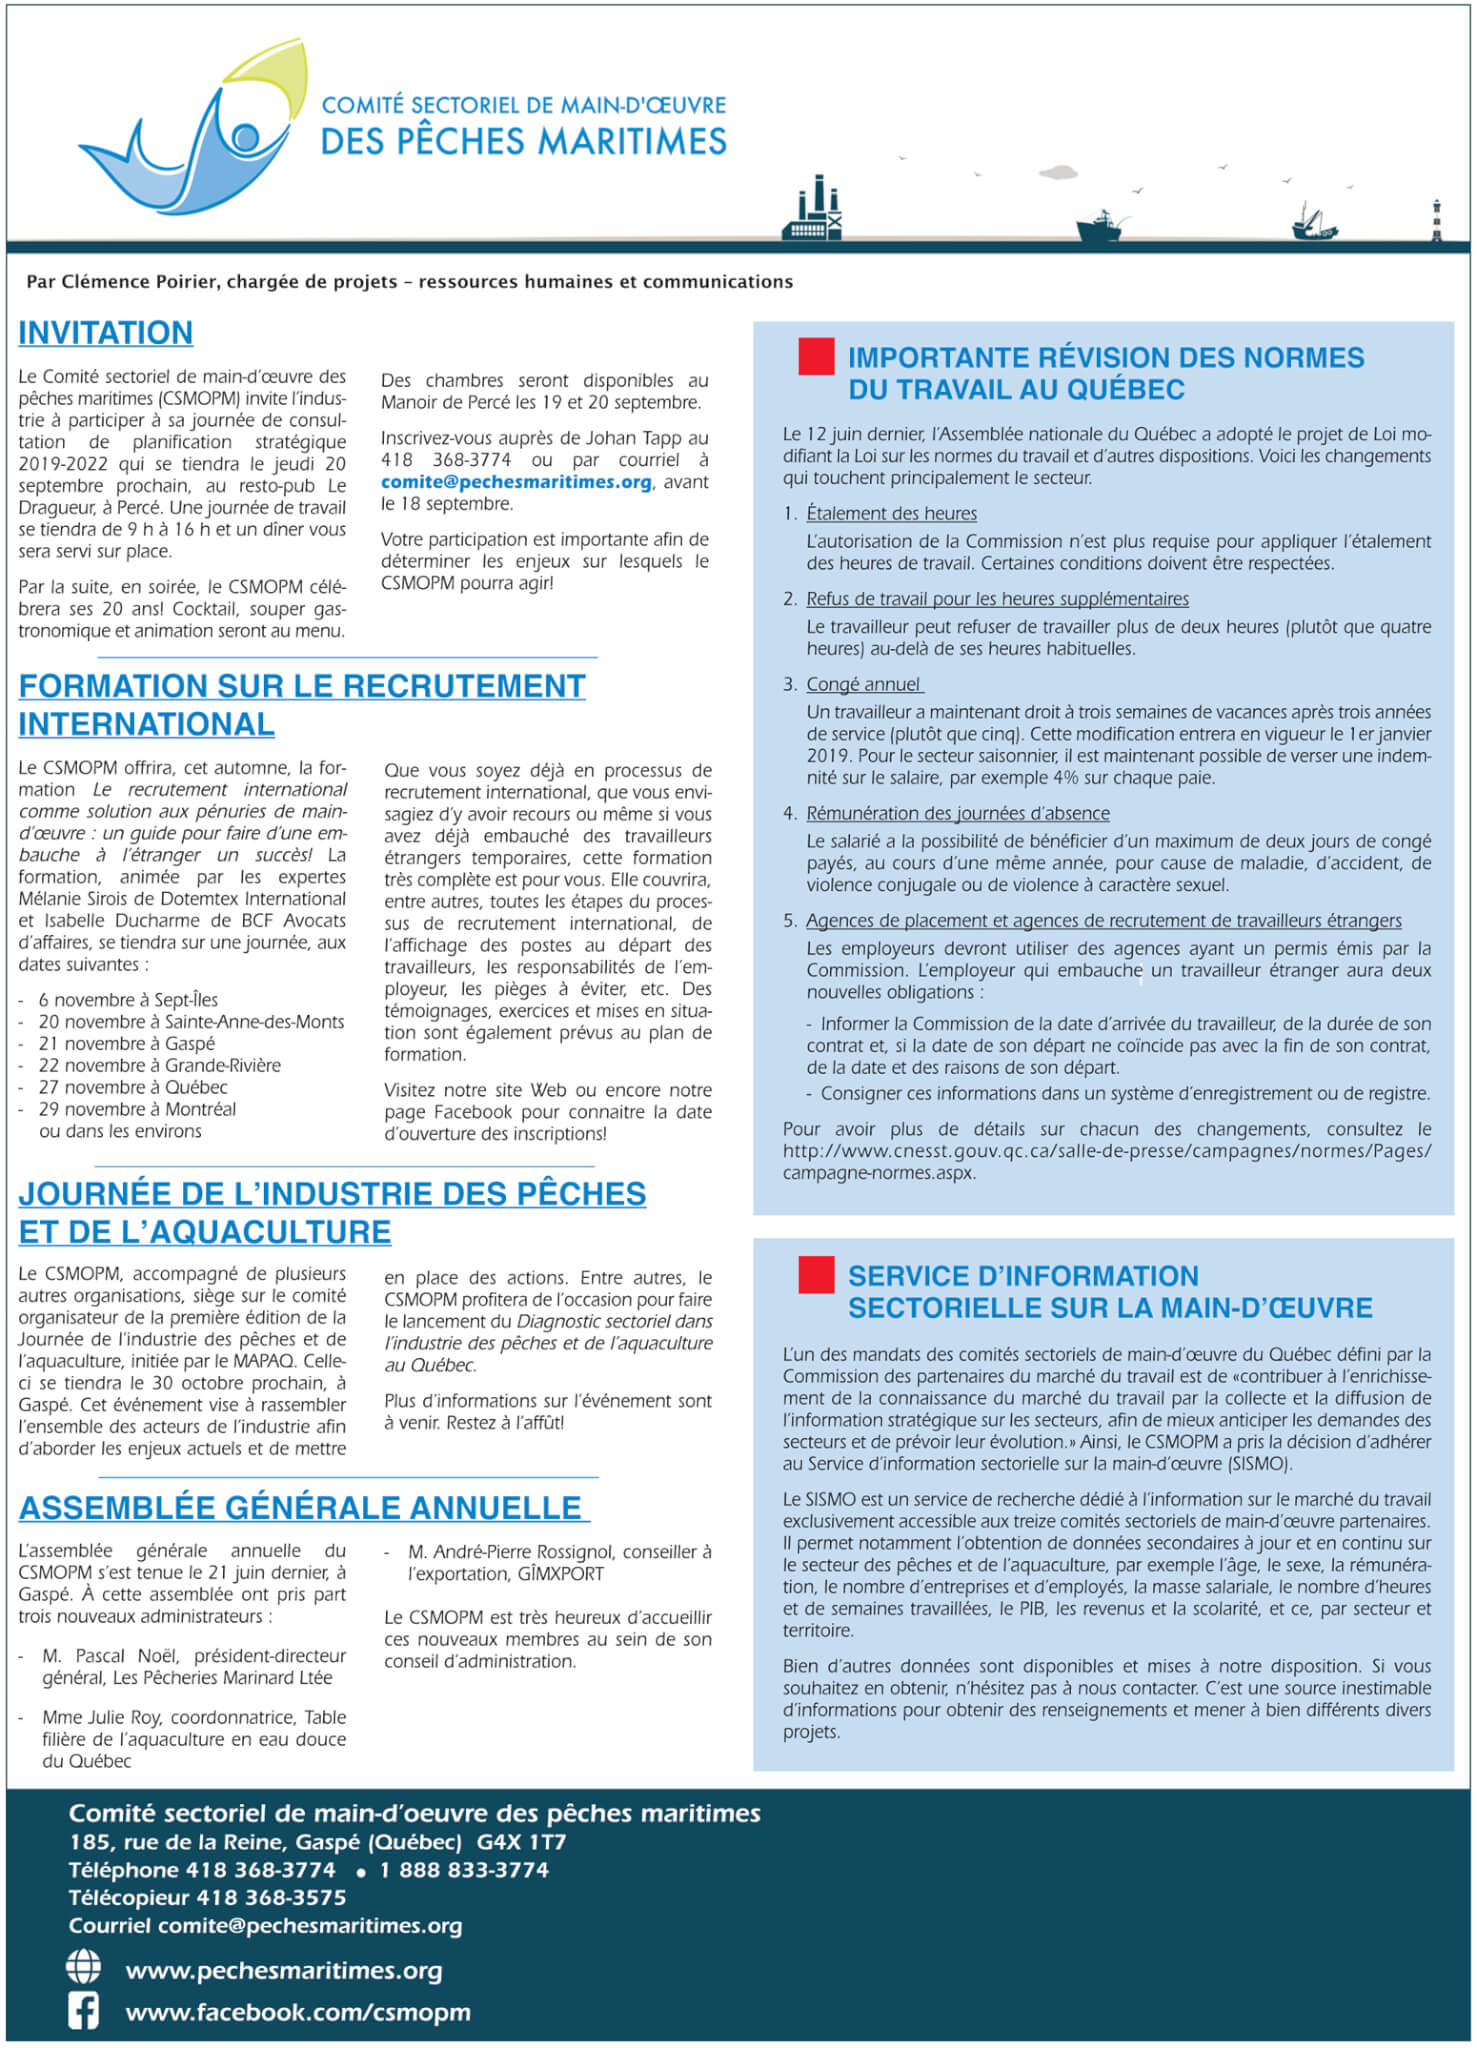 Comité sectoriel de main-d'oeuvre des pêches maritimes (CSMOPM)